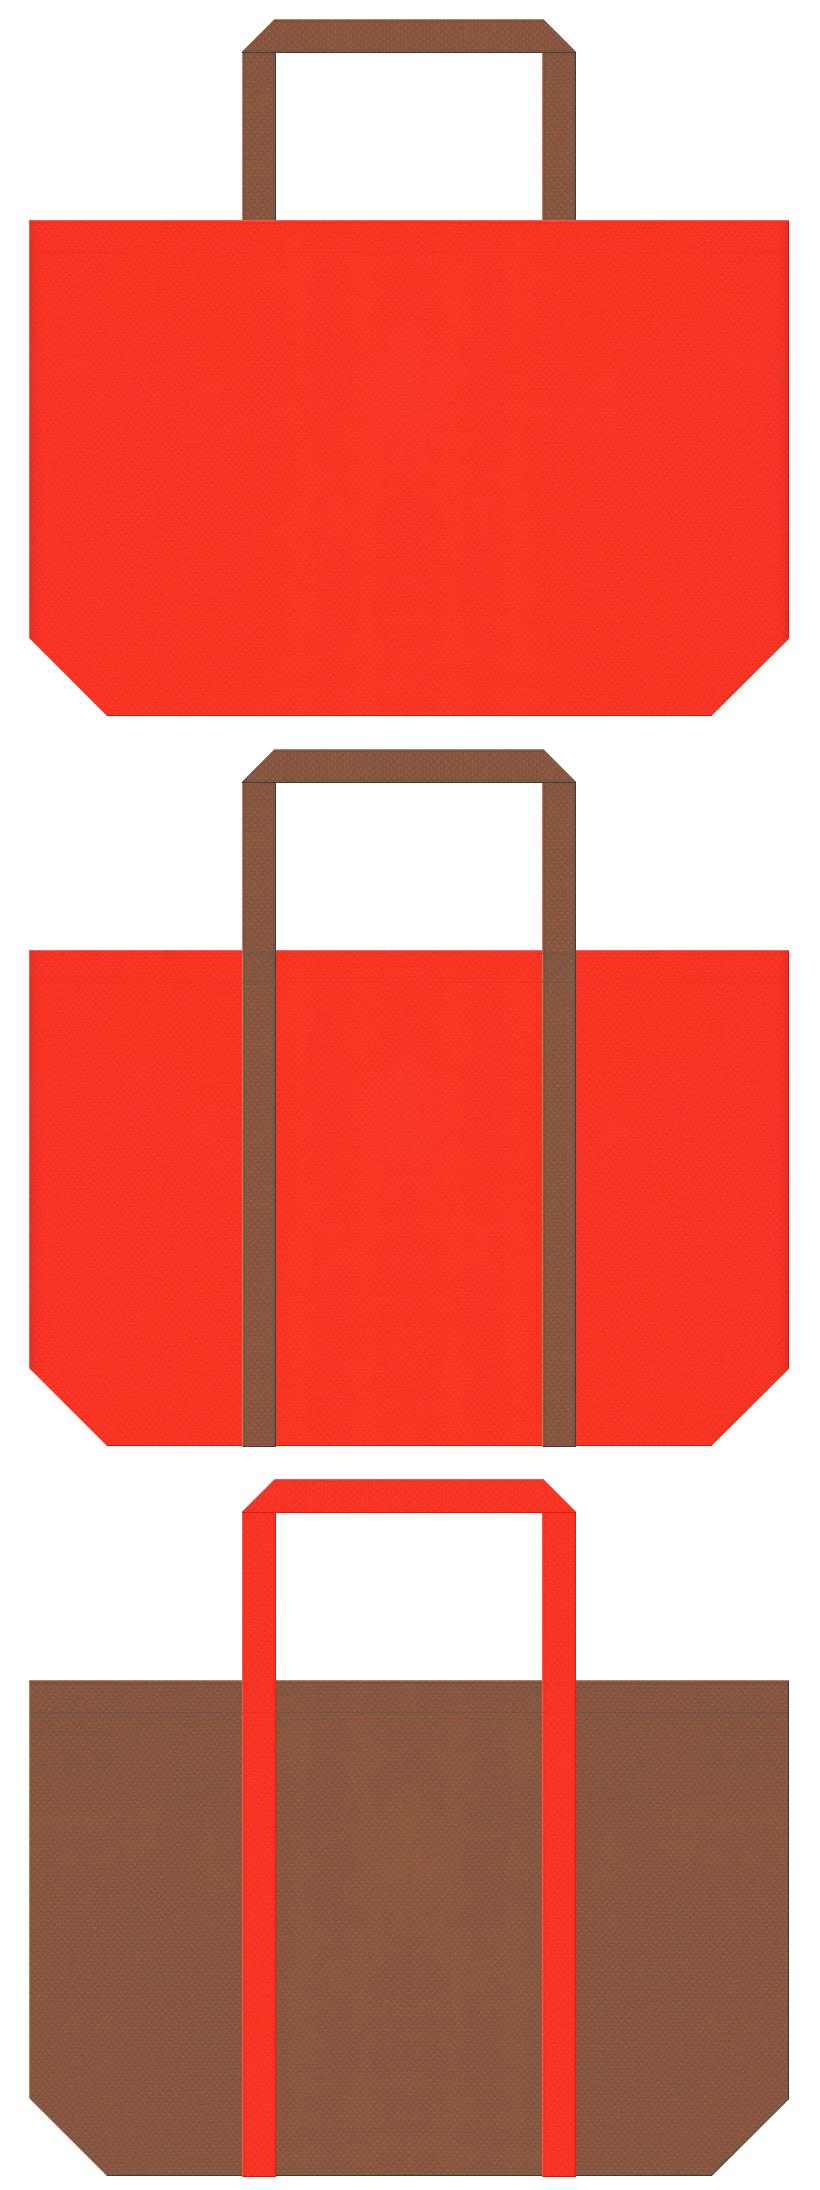 紅茶・レシピ・お料理教室・絵本・むかし話・ハロウィンの販促ツール・ノベルティにお奨めの不織布バッグデザイン:オレンジ色と茶色のコーデ